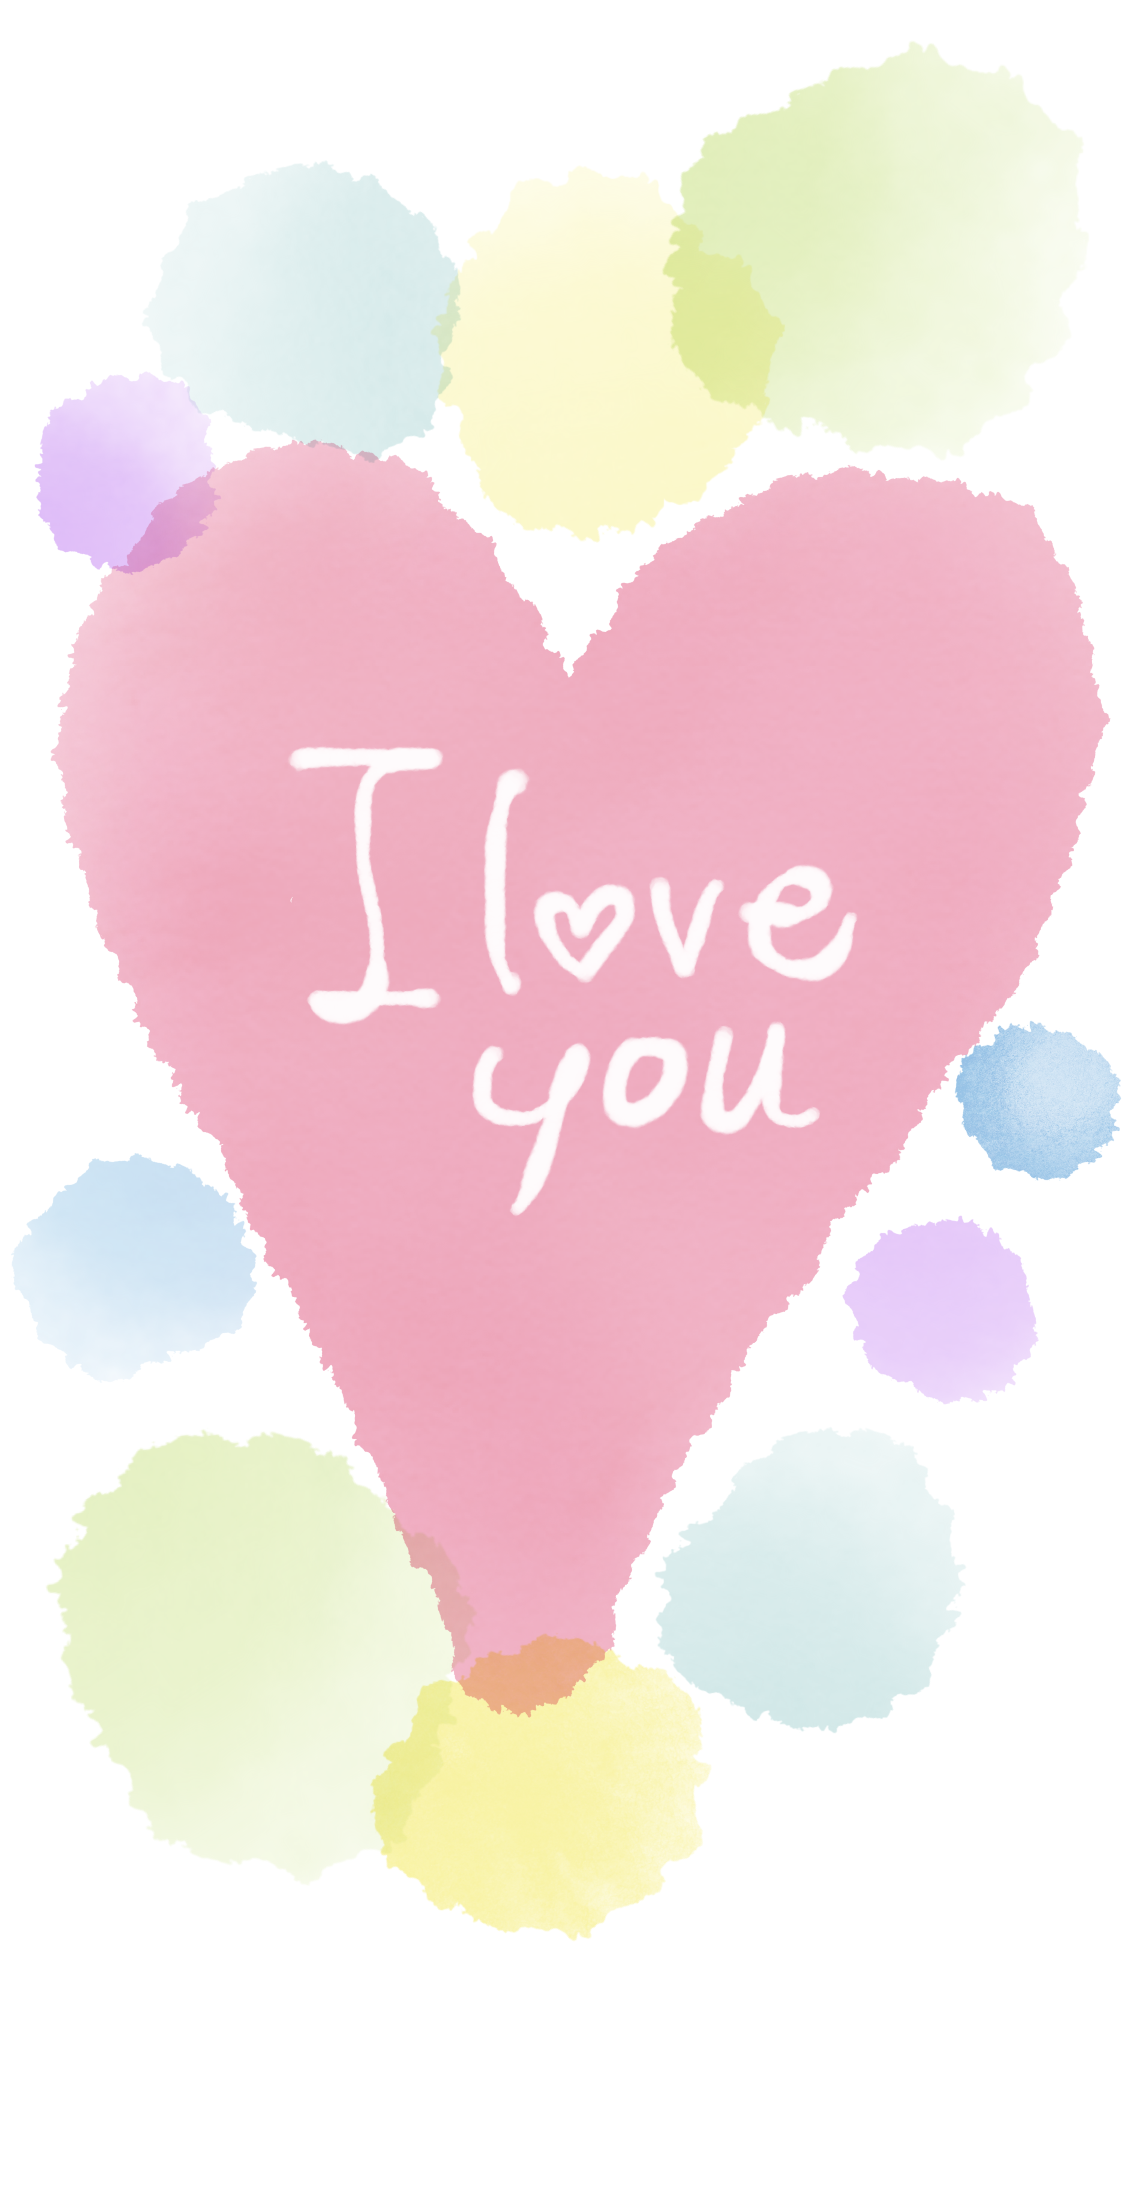 ほんわかシンプル可愛いメッセージイラストを描きます 自分の壁紙や